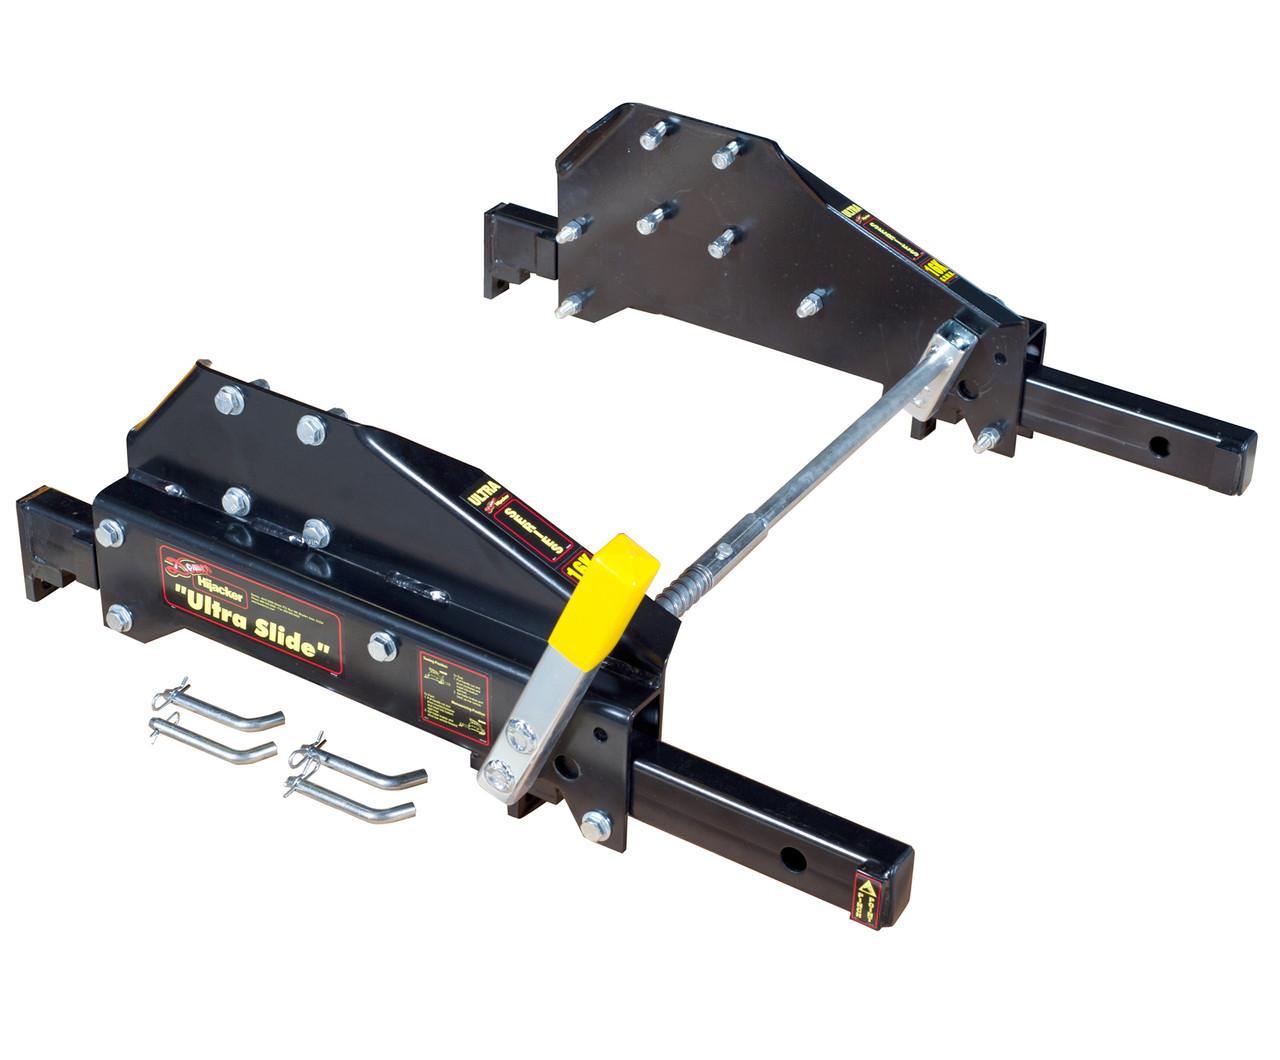 6011 --- Demco Ultra Slide Upgrade Kit